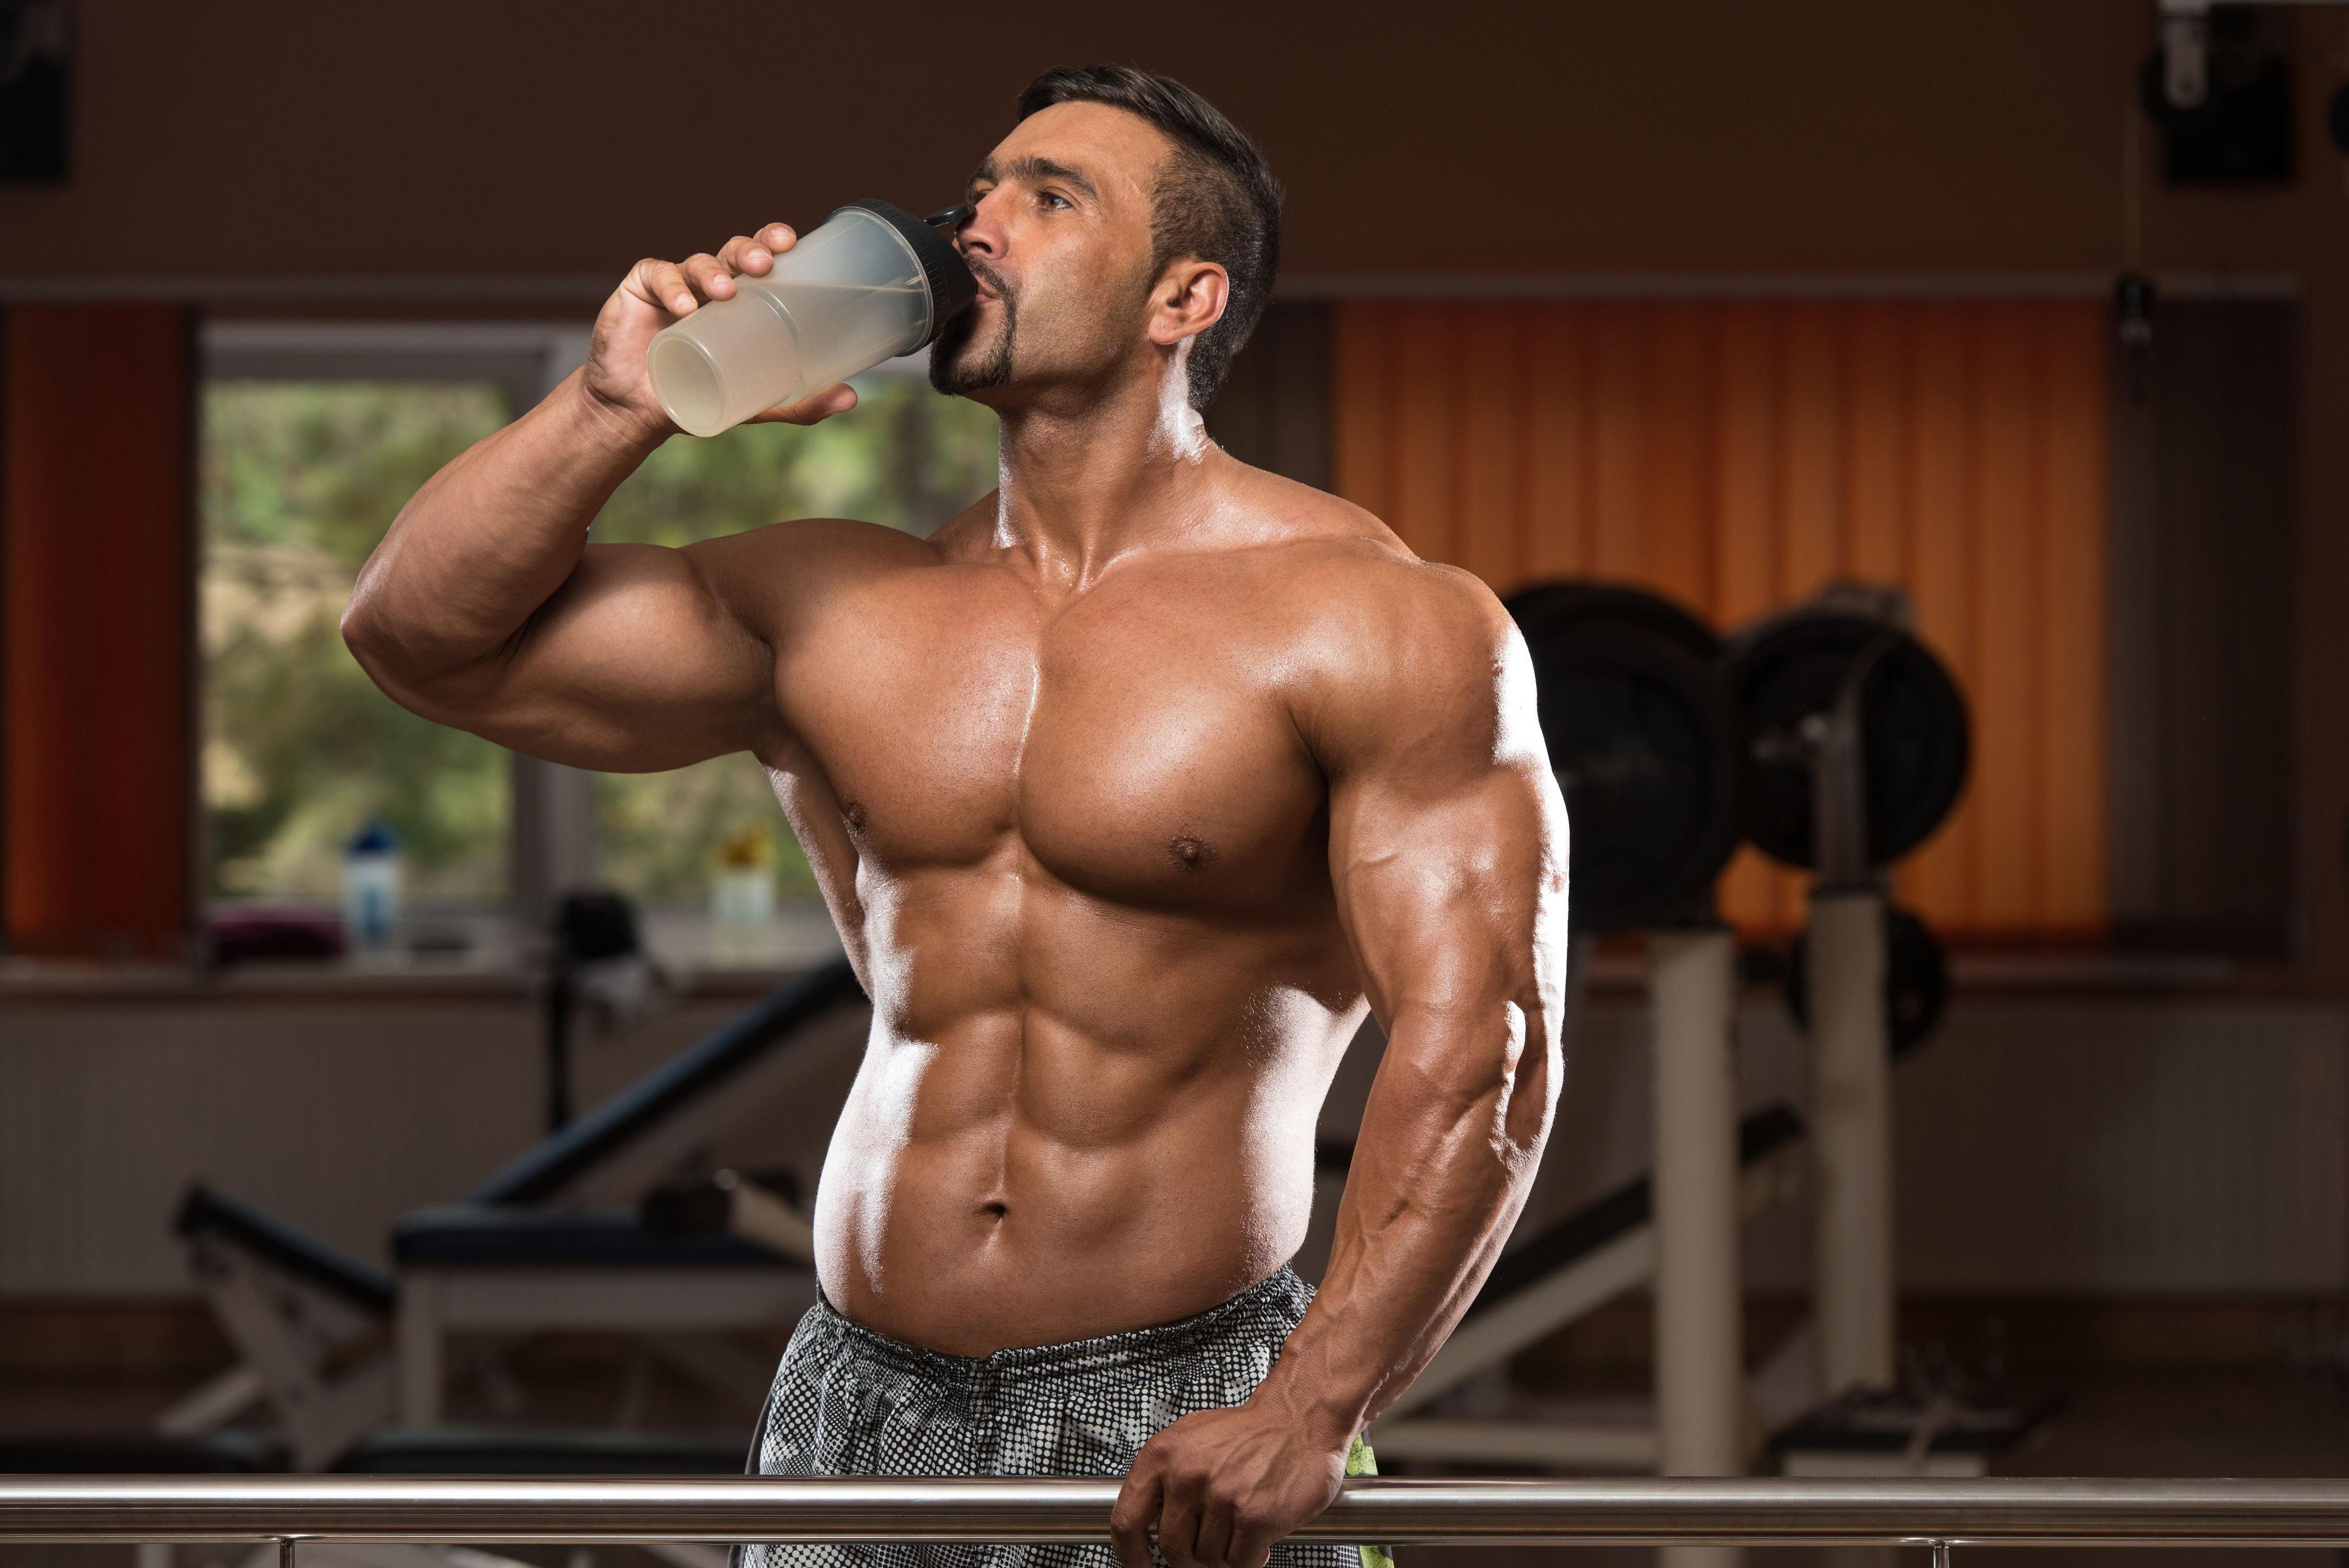 наращивание мышечной массы упражнения с картинками